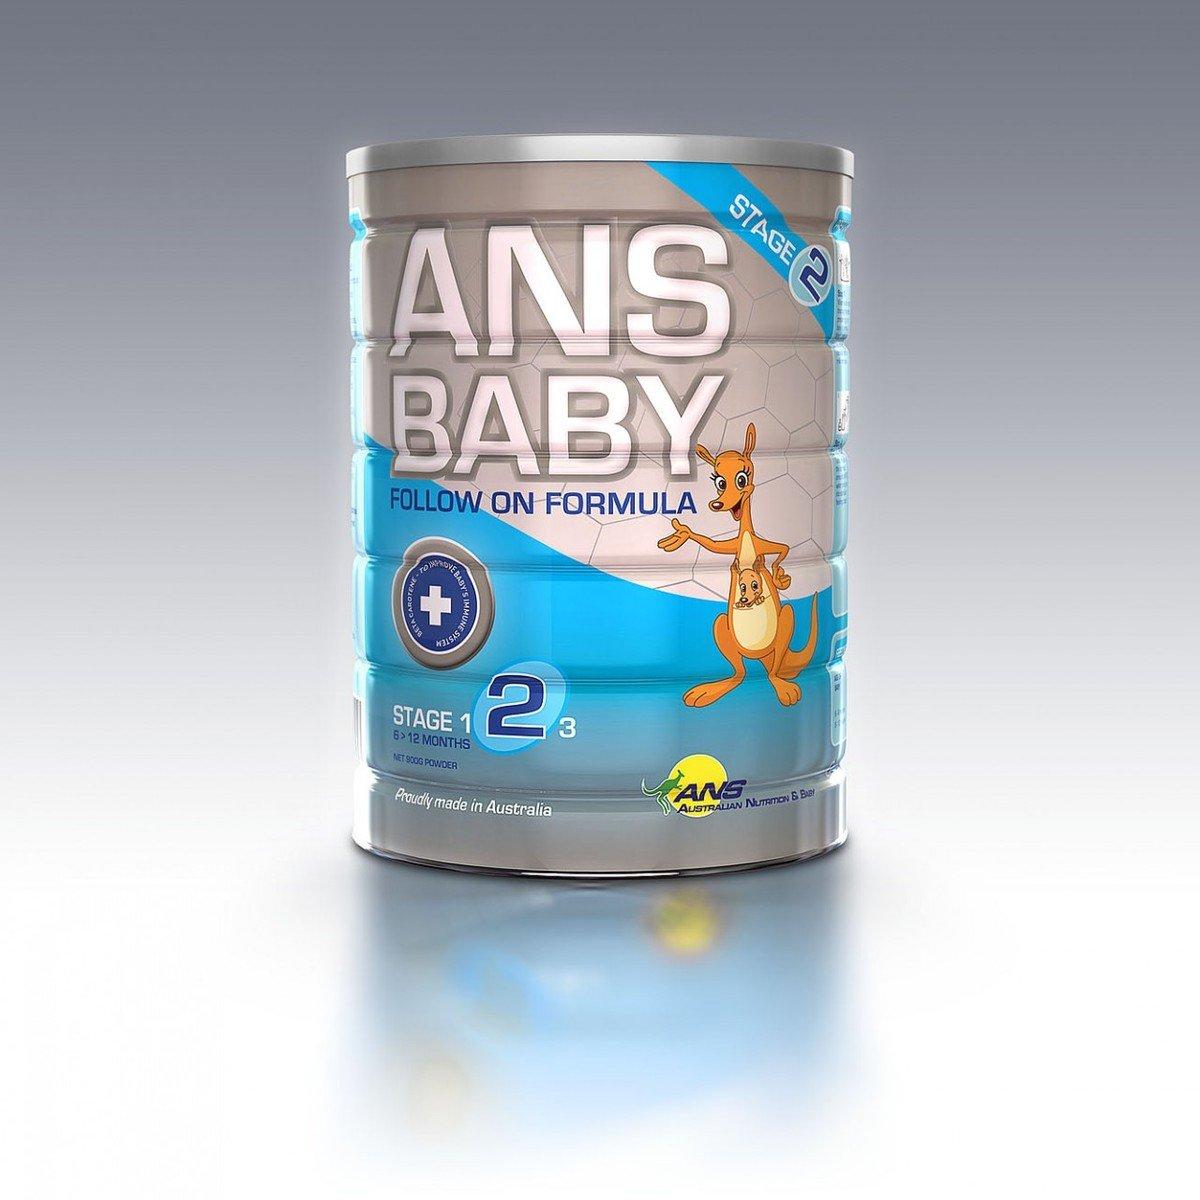 澳洲製造 ANS Baby 嬰兒配方奶粉-第二階段(適合6個月大至12個月大的嬰兒)